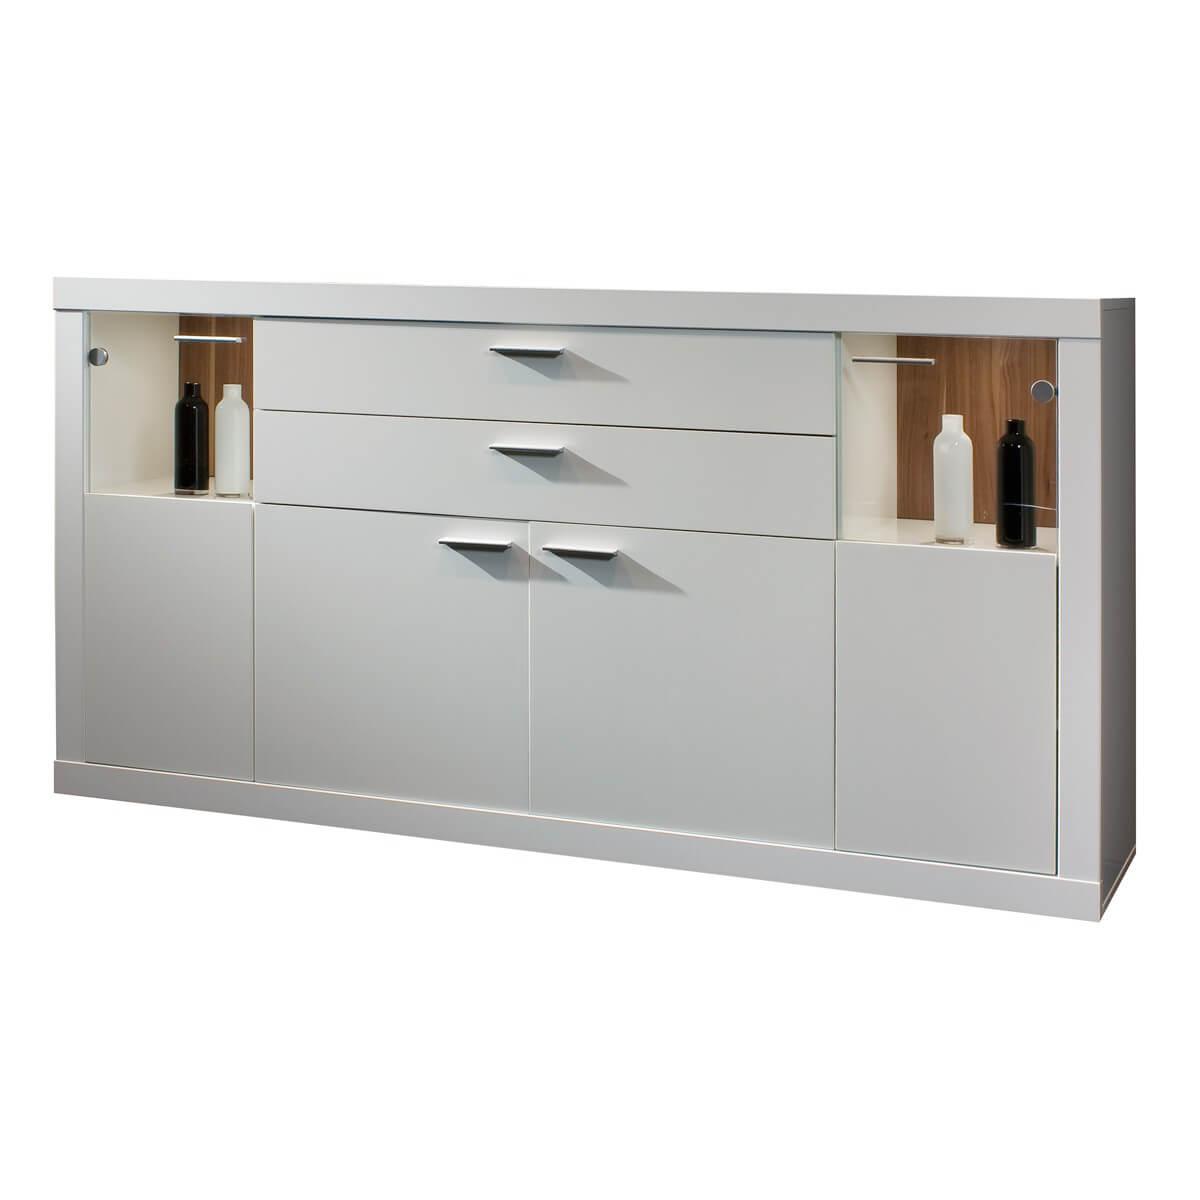 Sideboard Bianco in Weiß lackiert